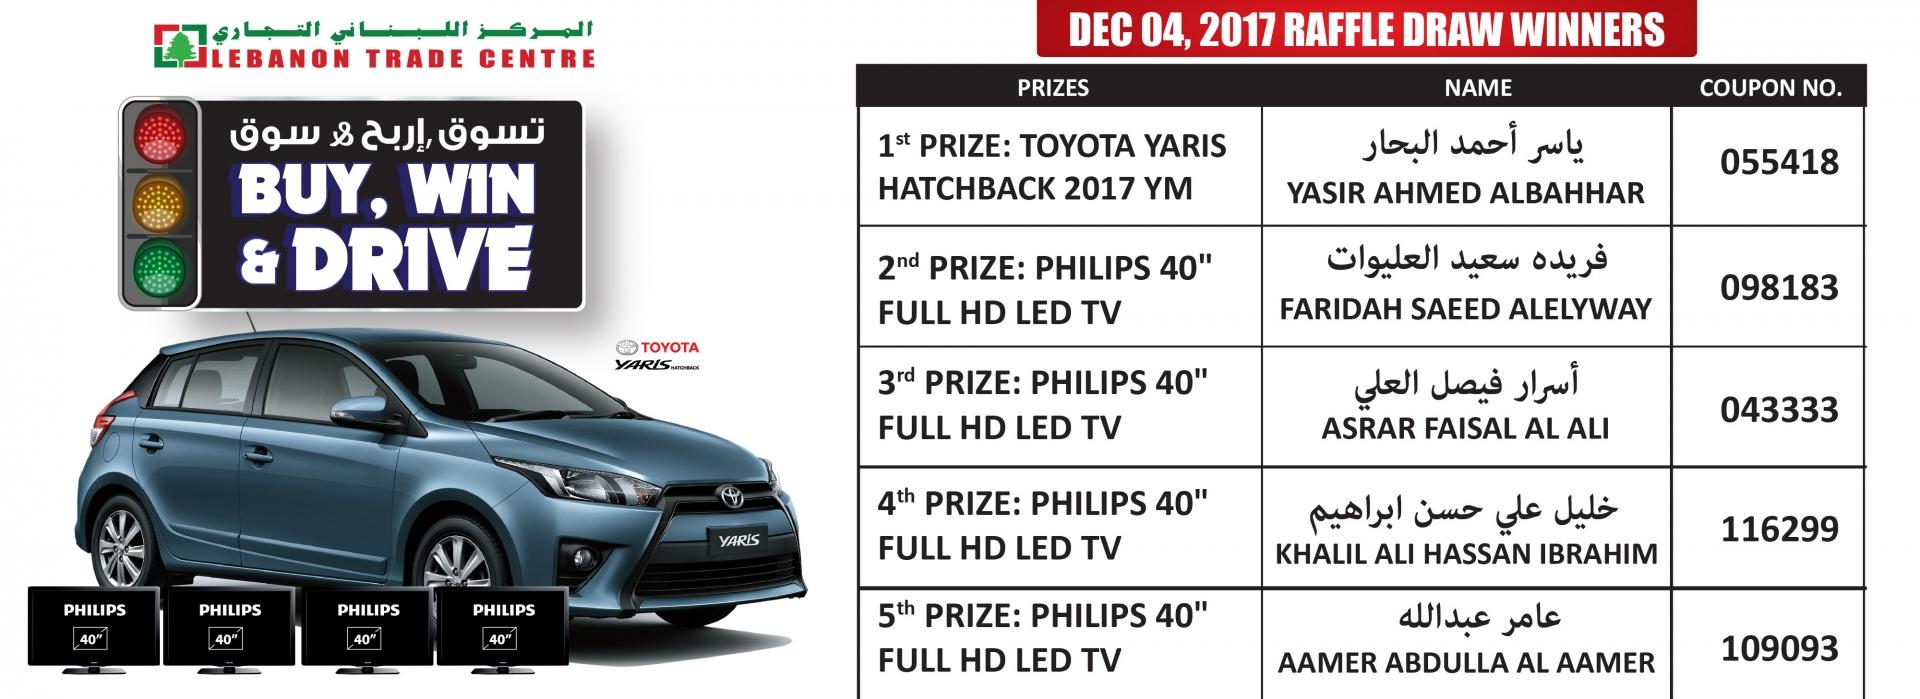 Dec 04, 2017 Raffle Draw Winners